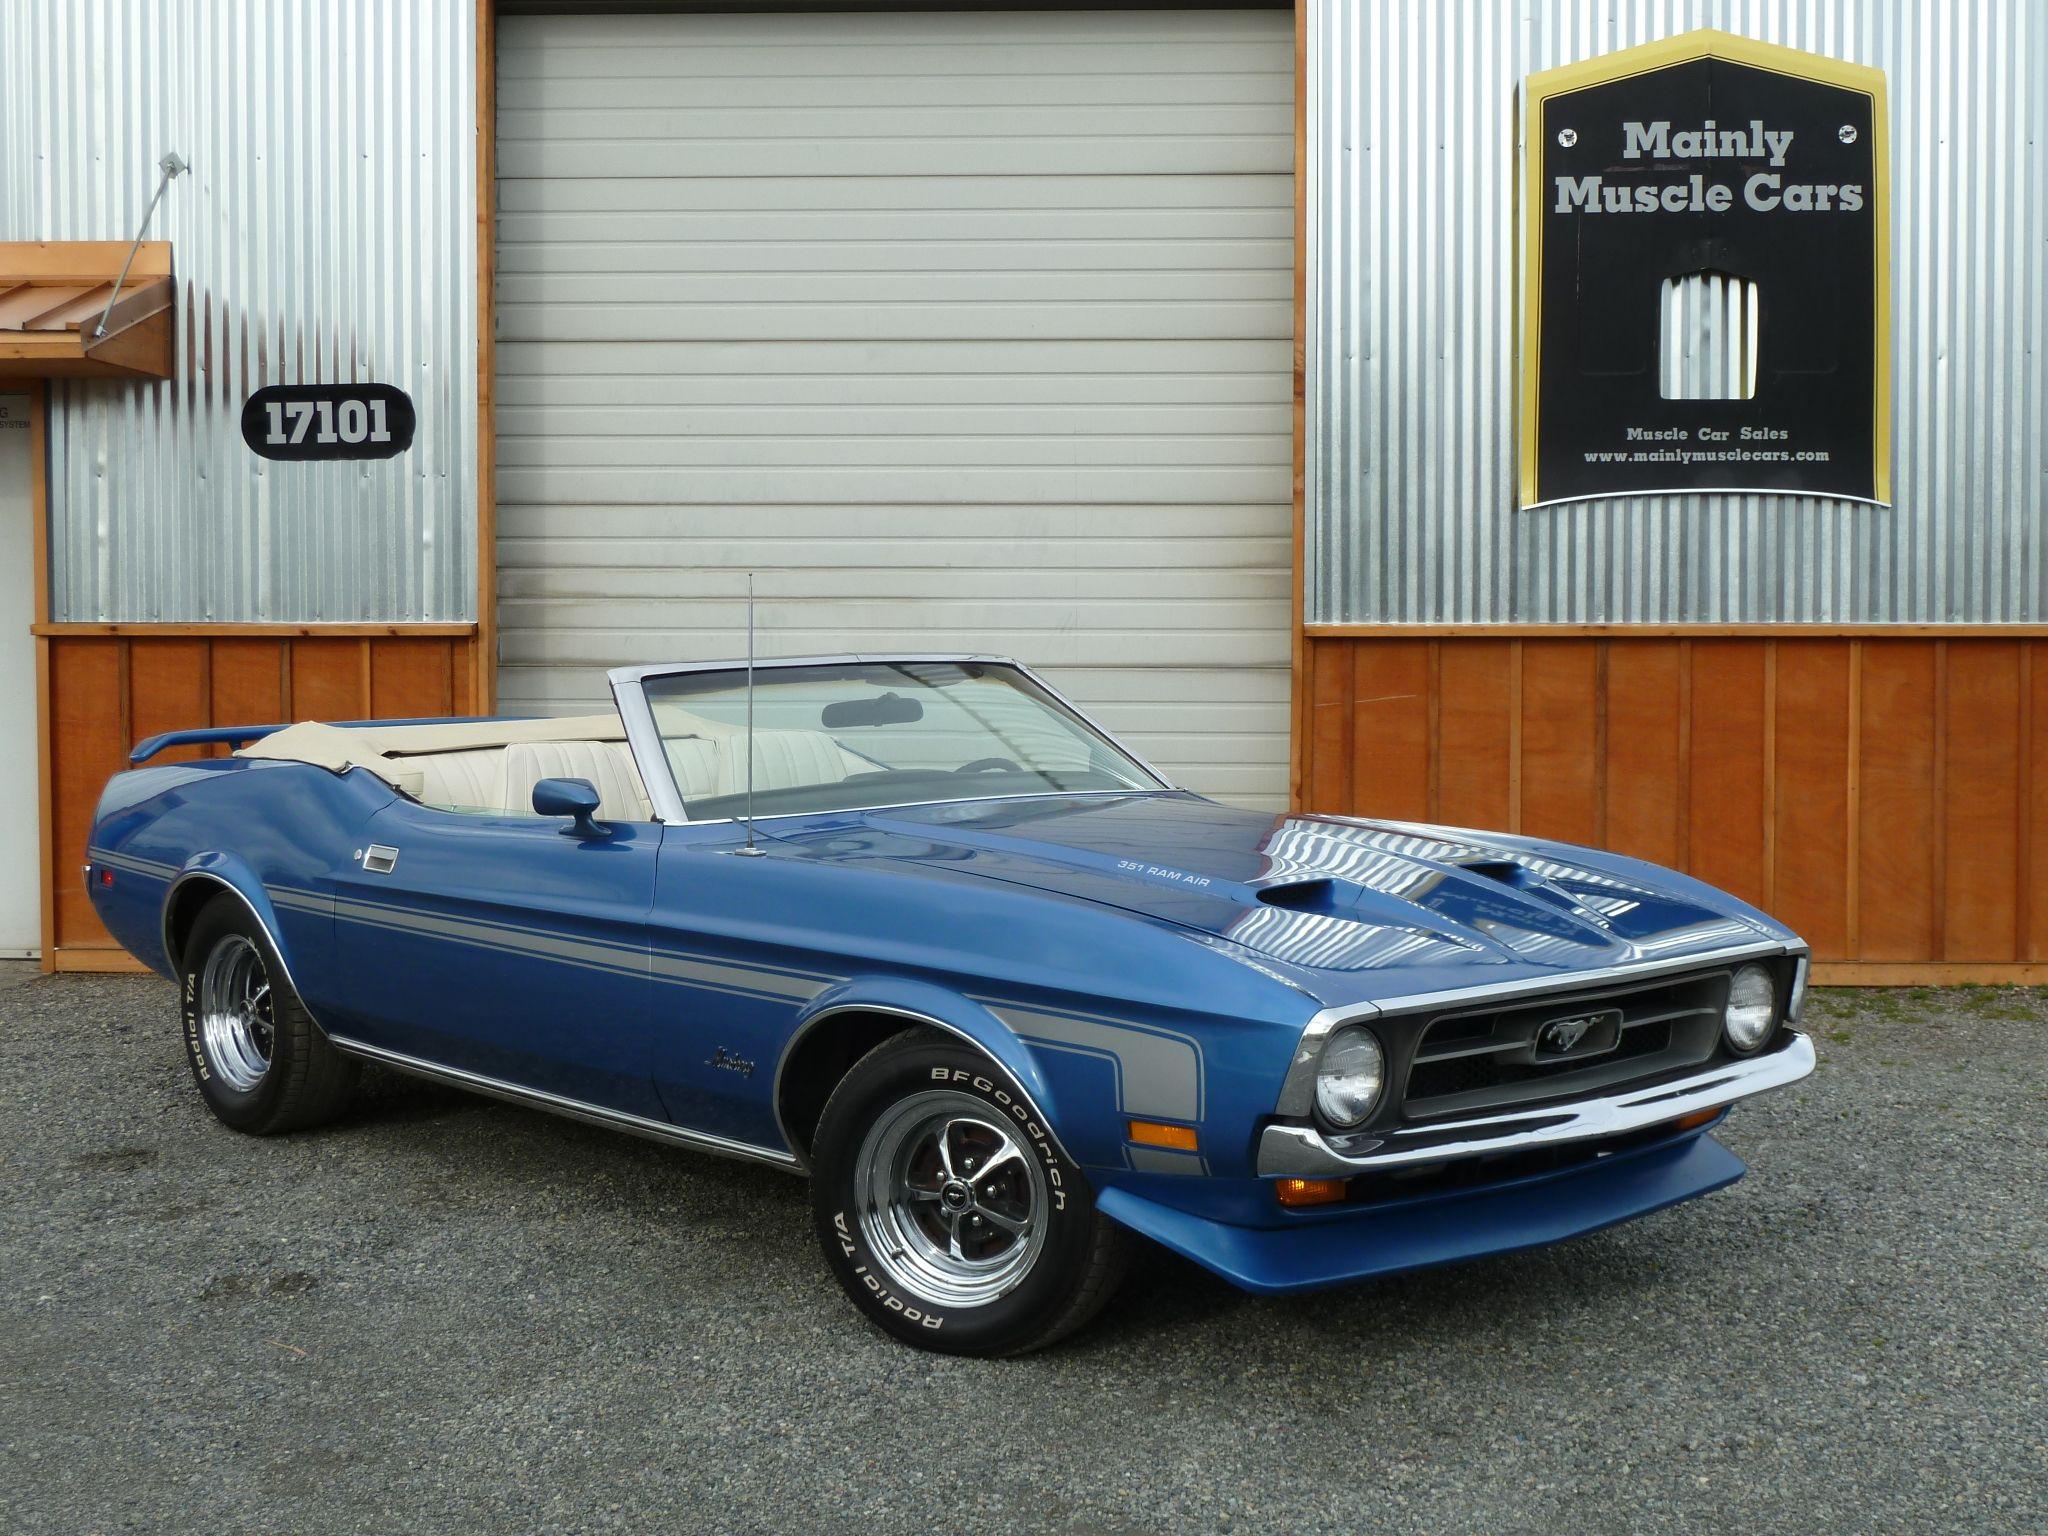 1971 mustang convertible | 1971 Mustang Convertible 351C 4V, Auto ...